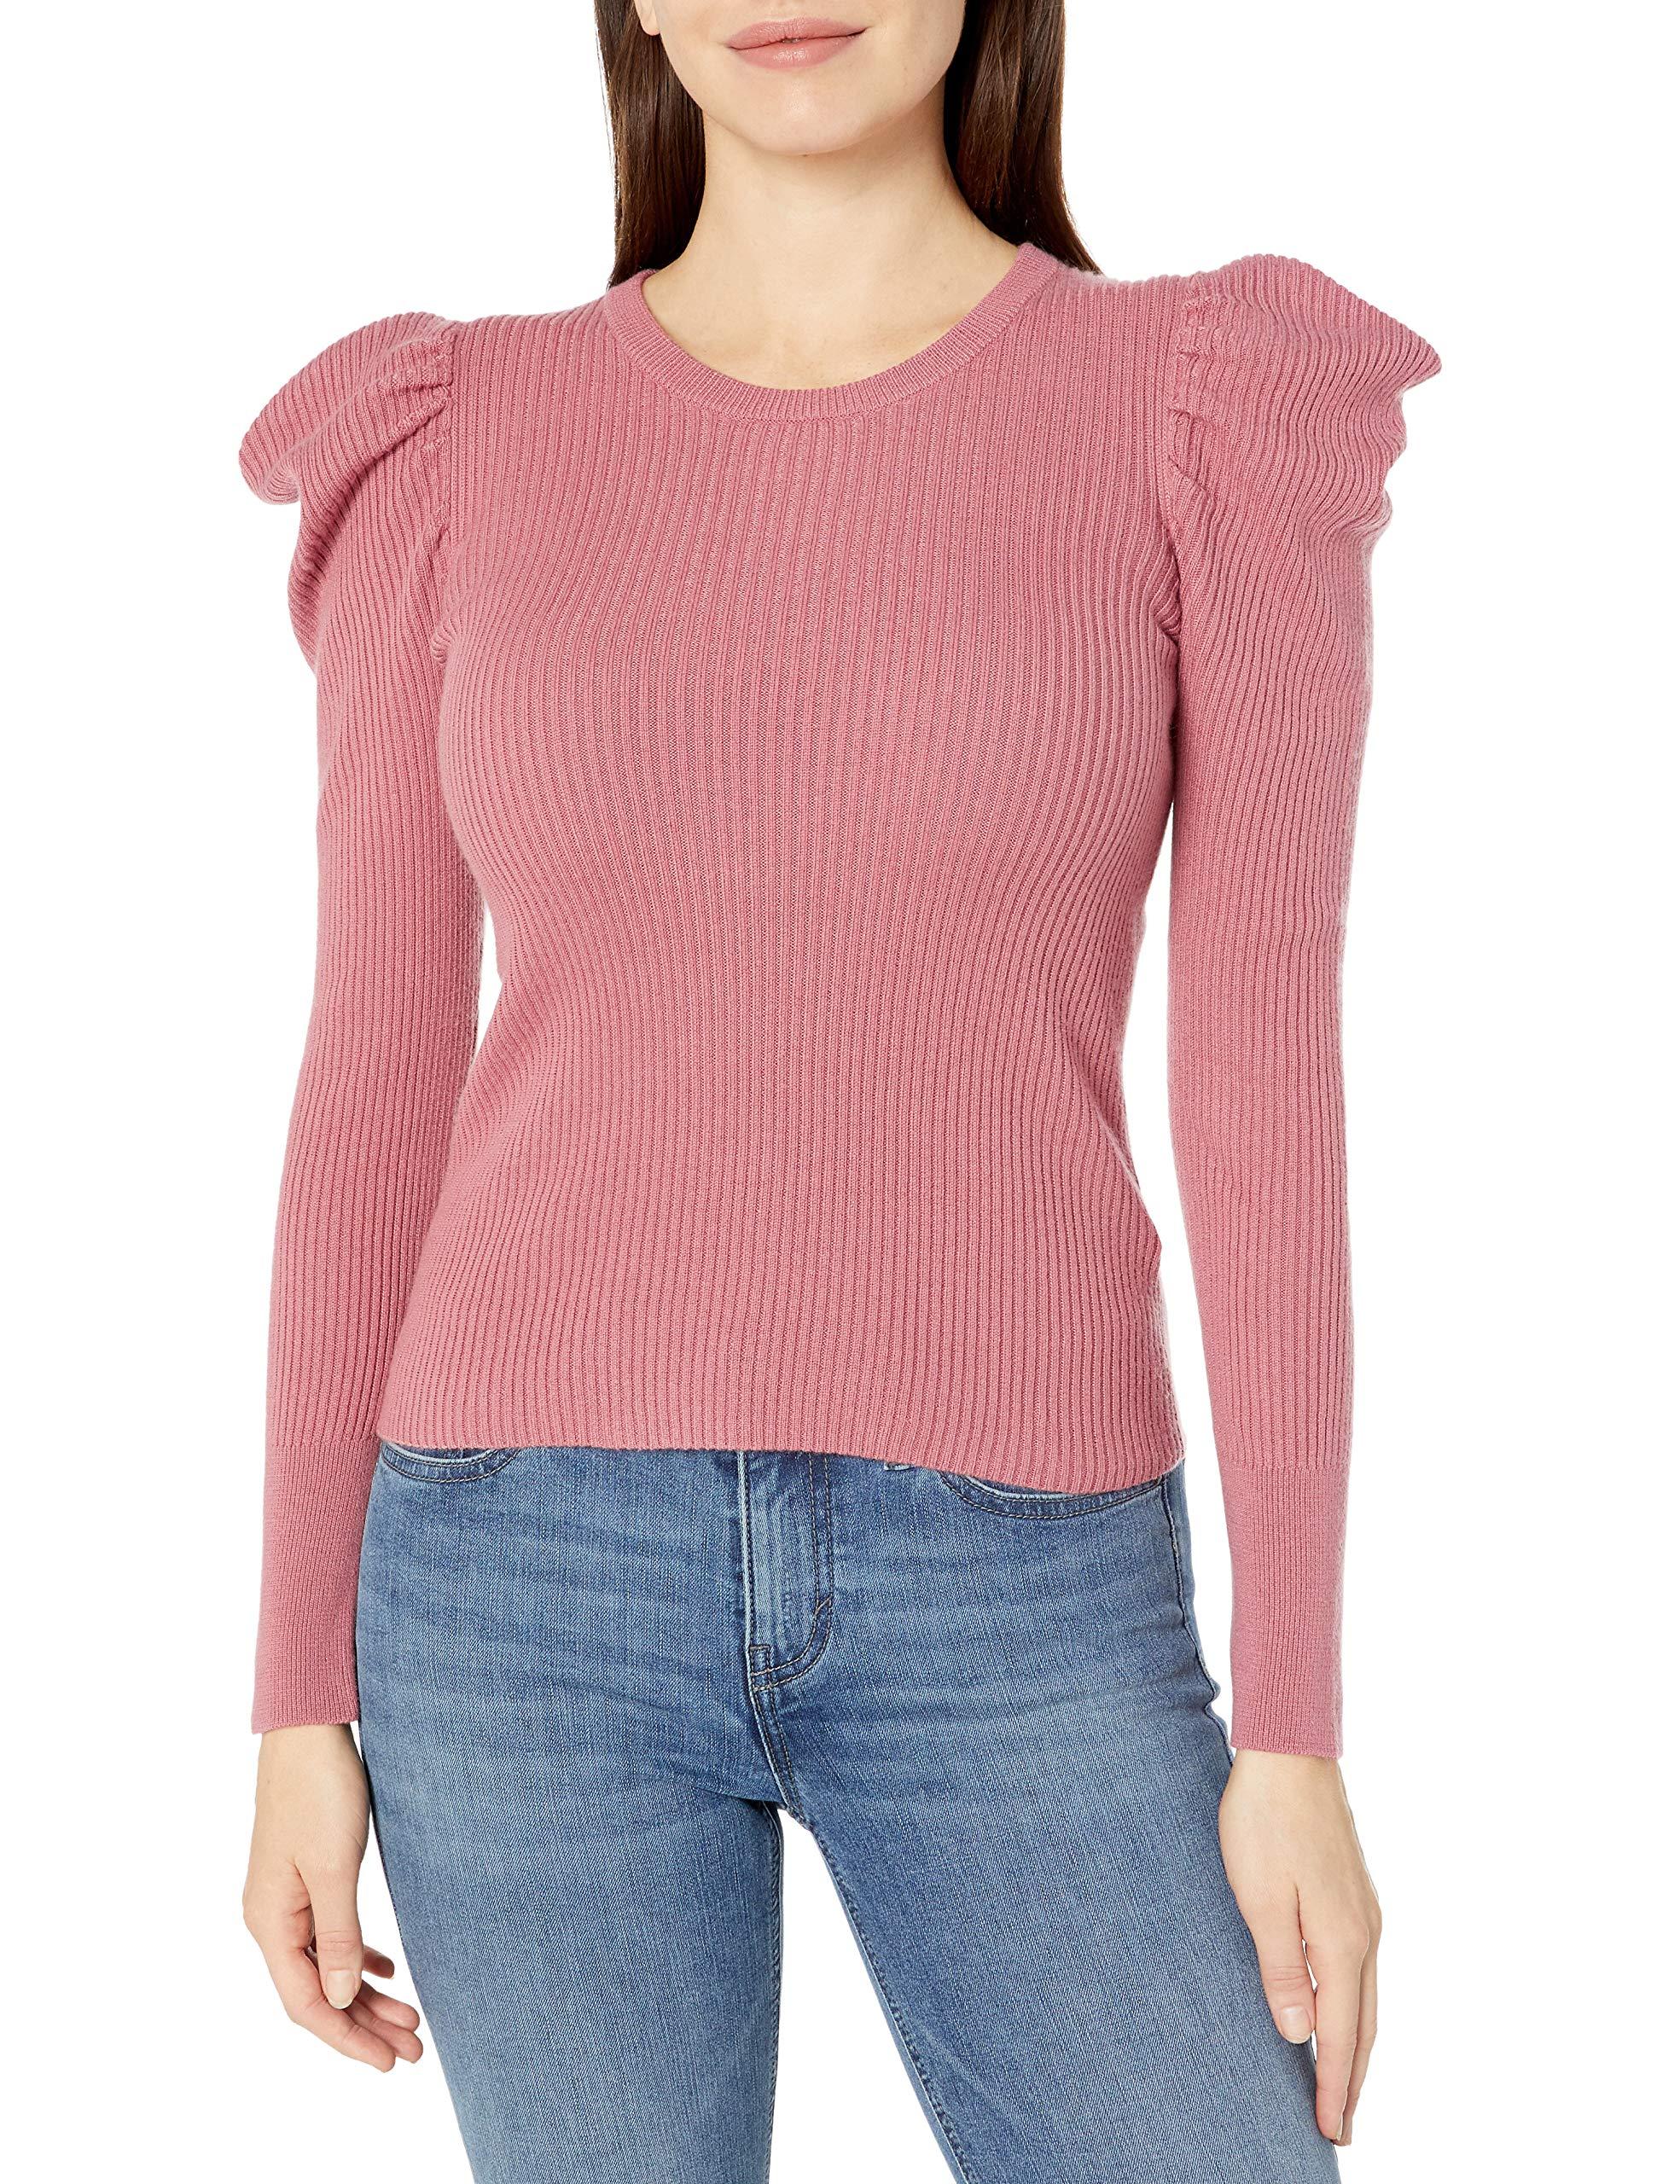 Splendid Women's Allston Puff Sleeve Pullover